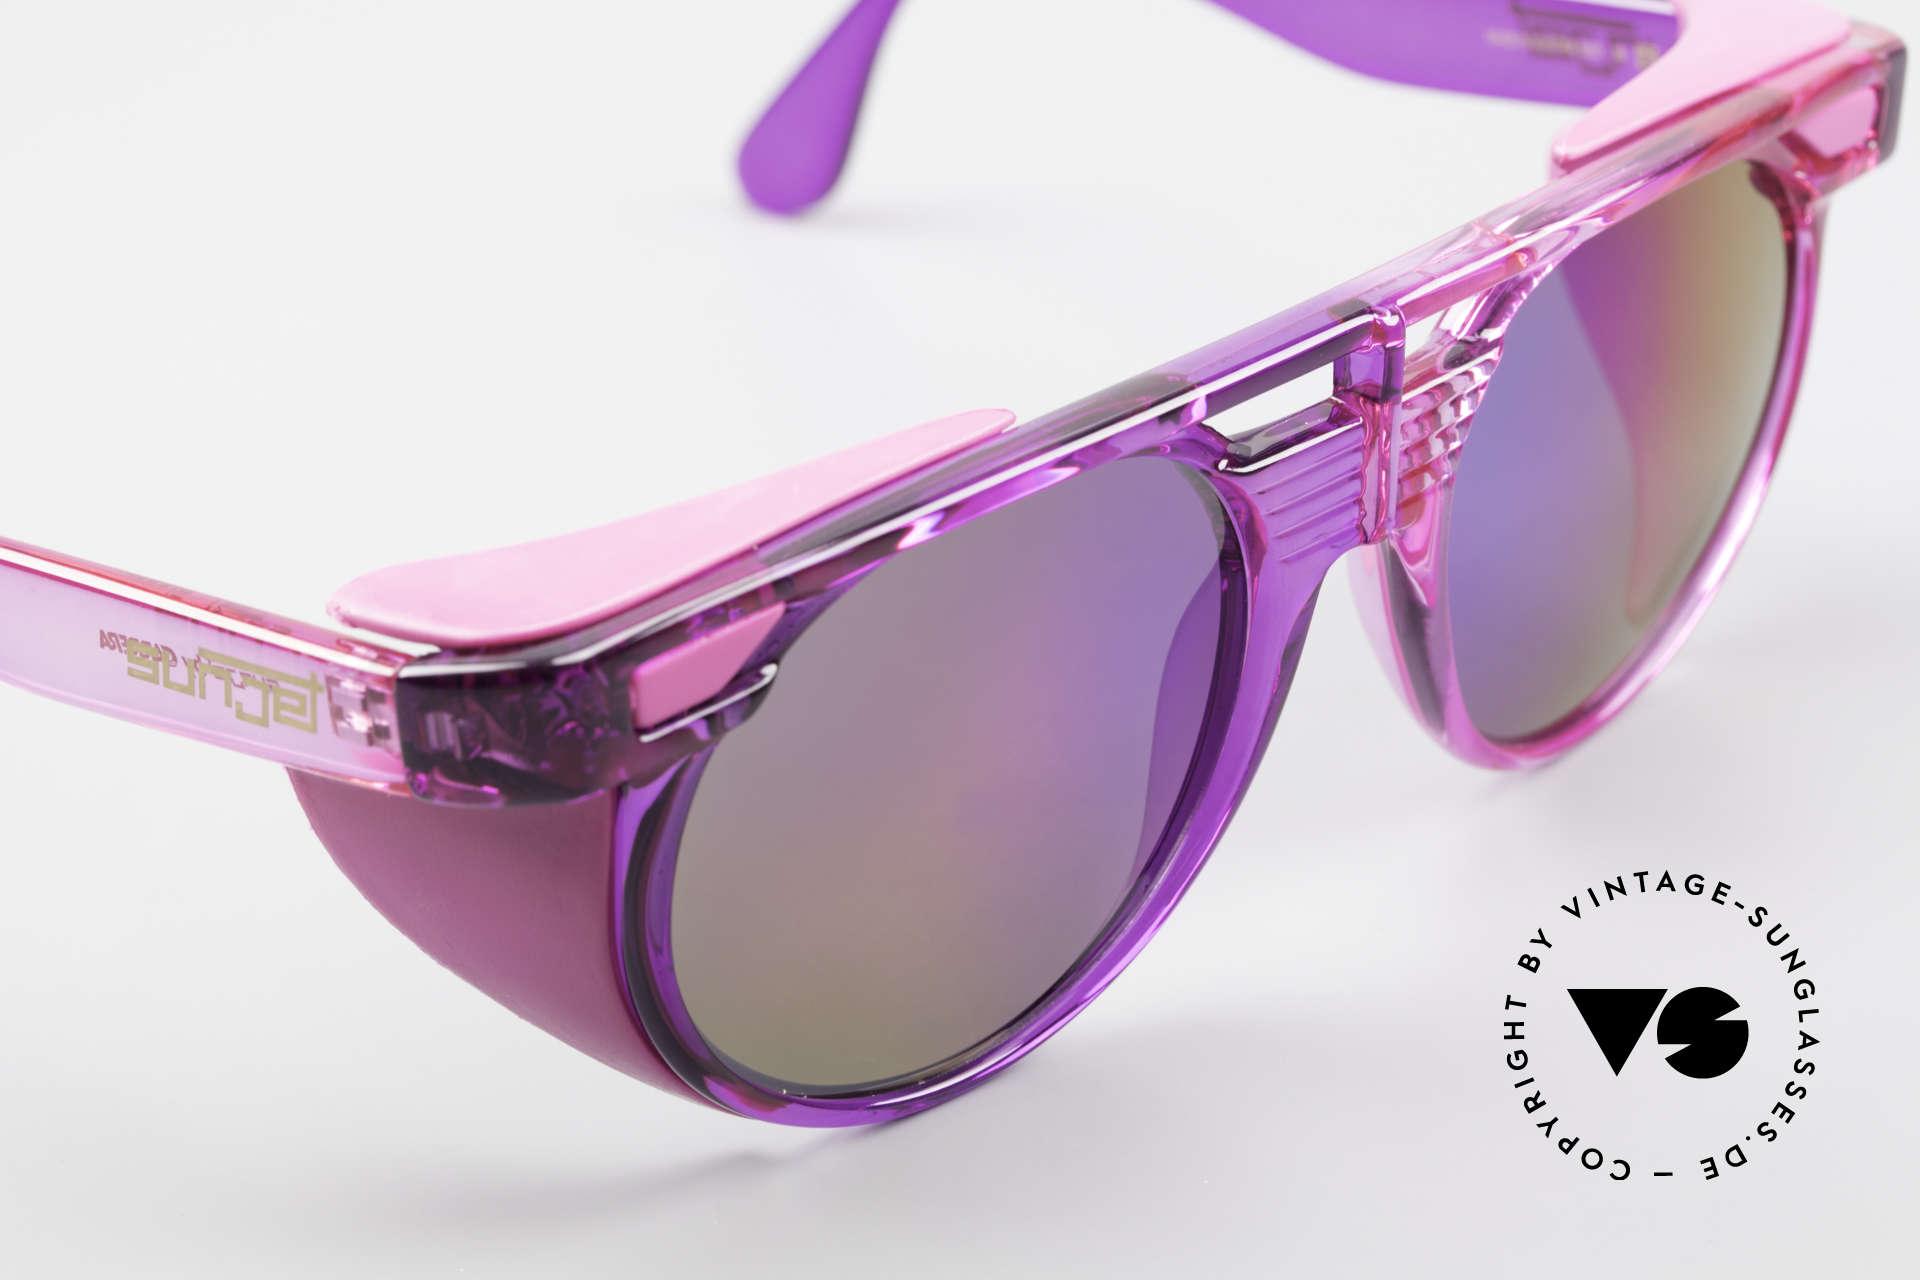 Carrera 5251 Runde Sonnenbrille Steampunk, KEIN Retro; ein altes Original mit 100% UV Schutz, Passend für Herren und Damen